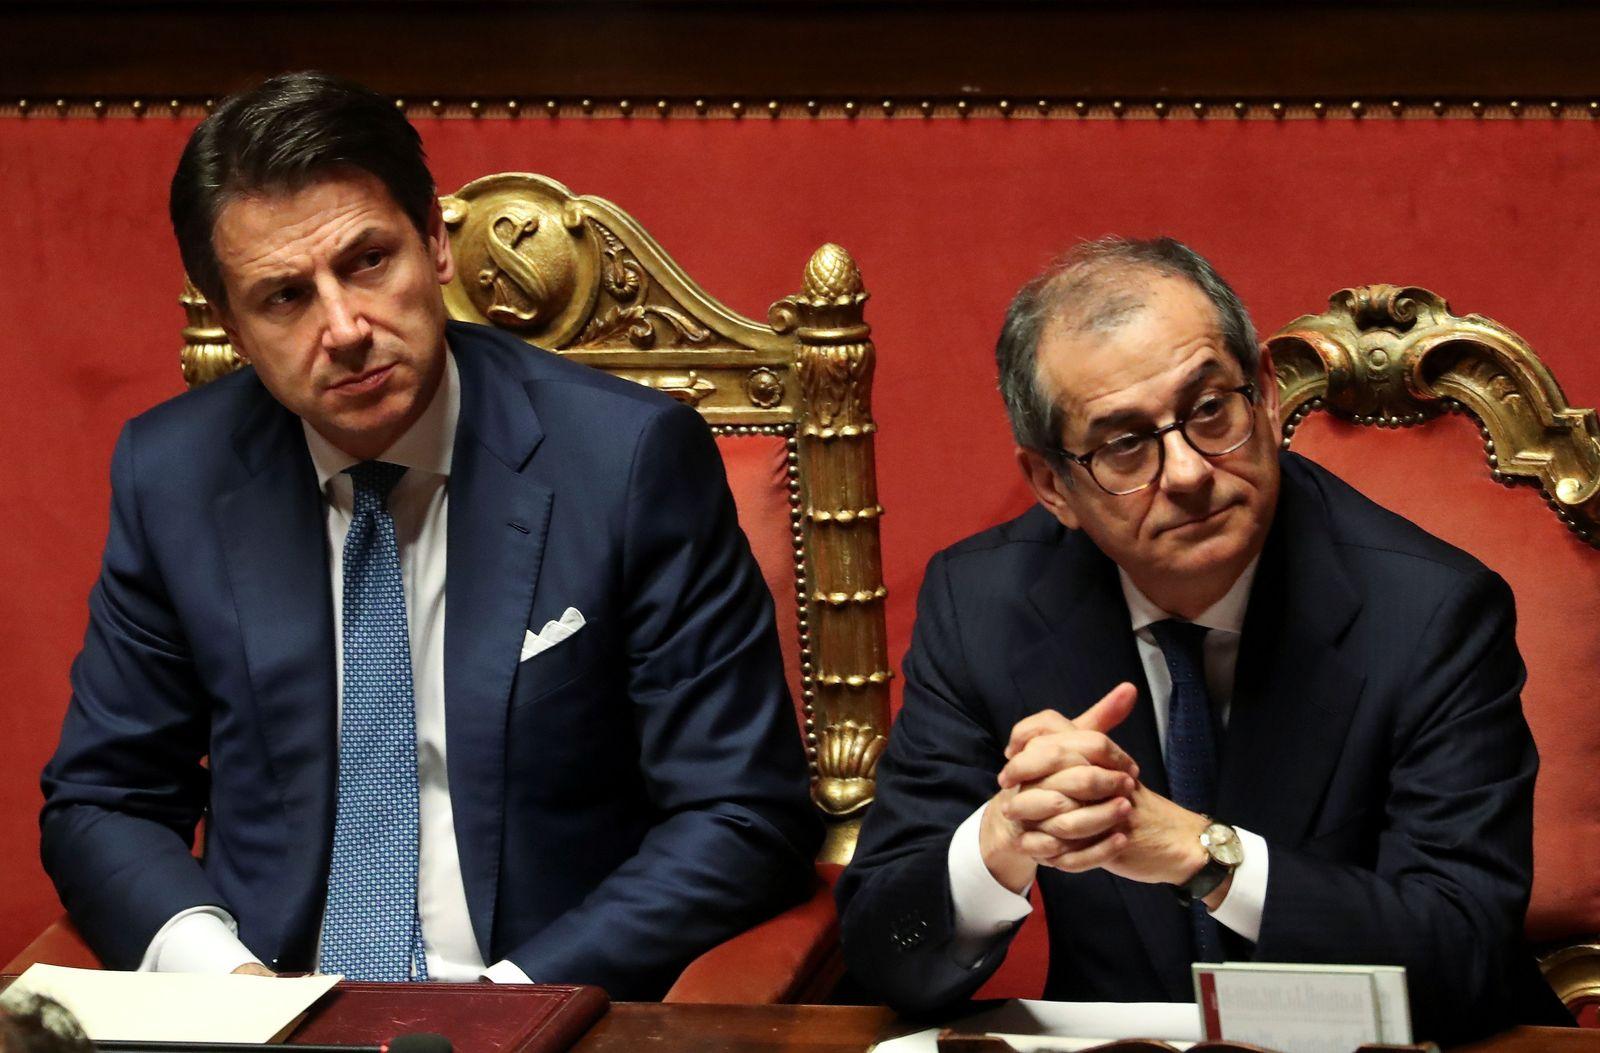 Giuseppe Conte / Giovanni Tria